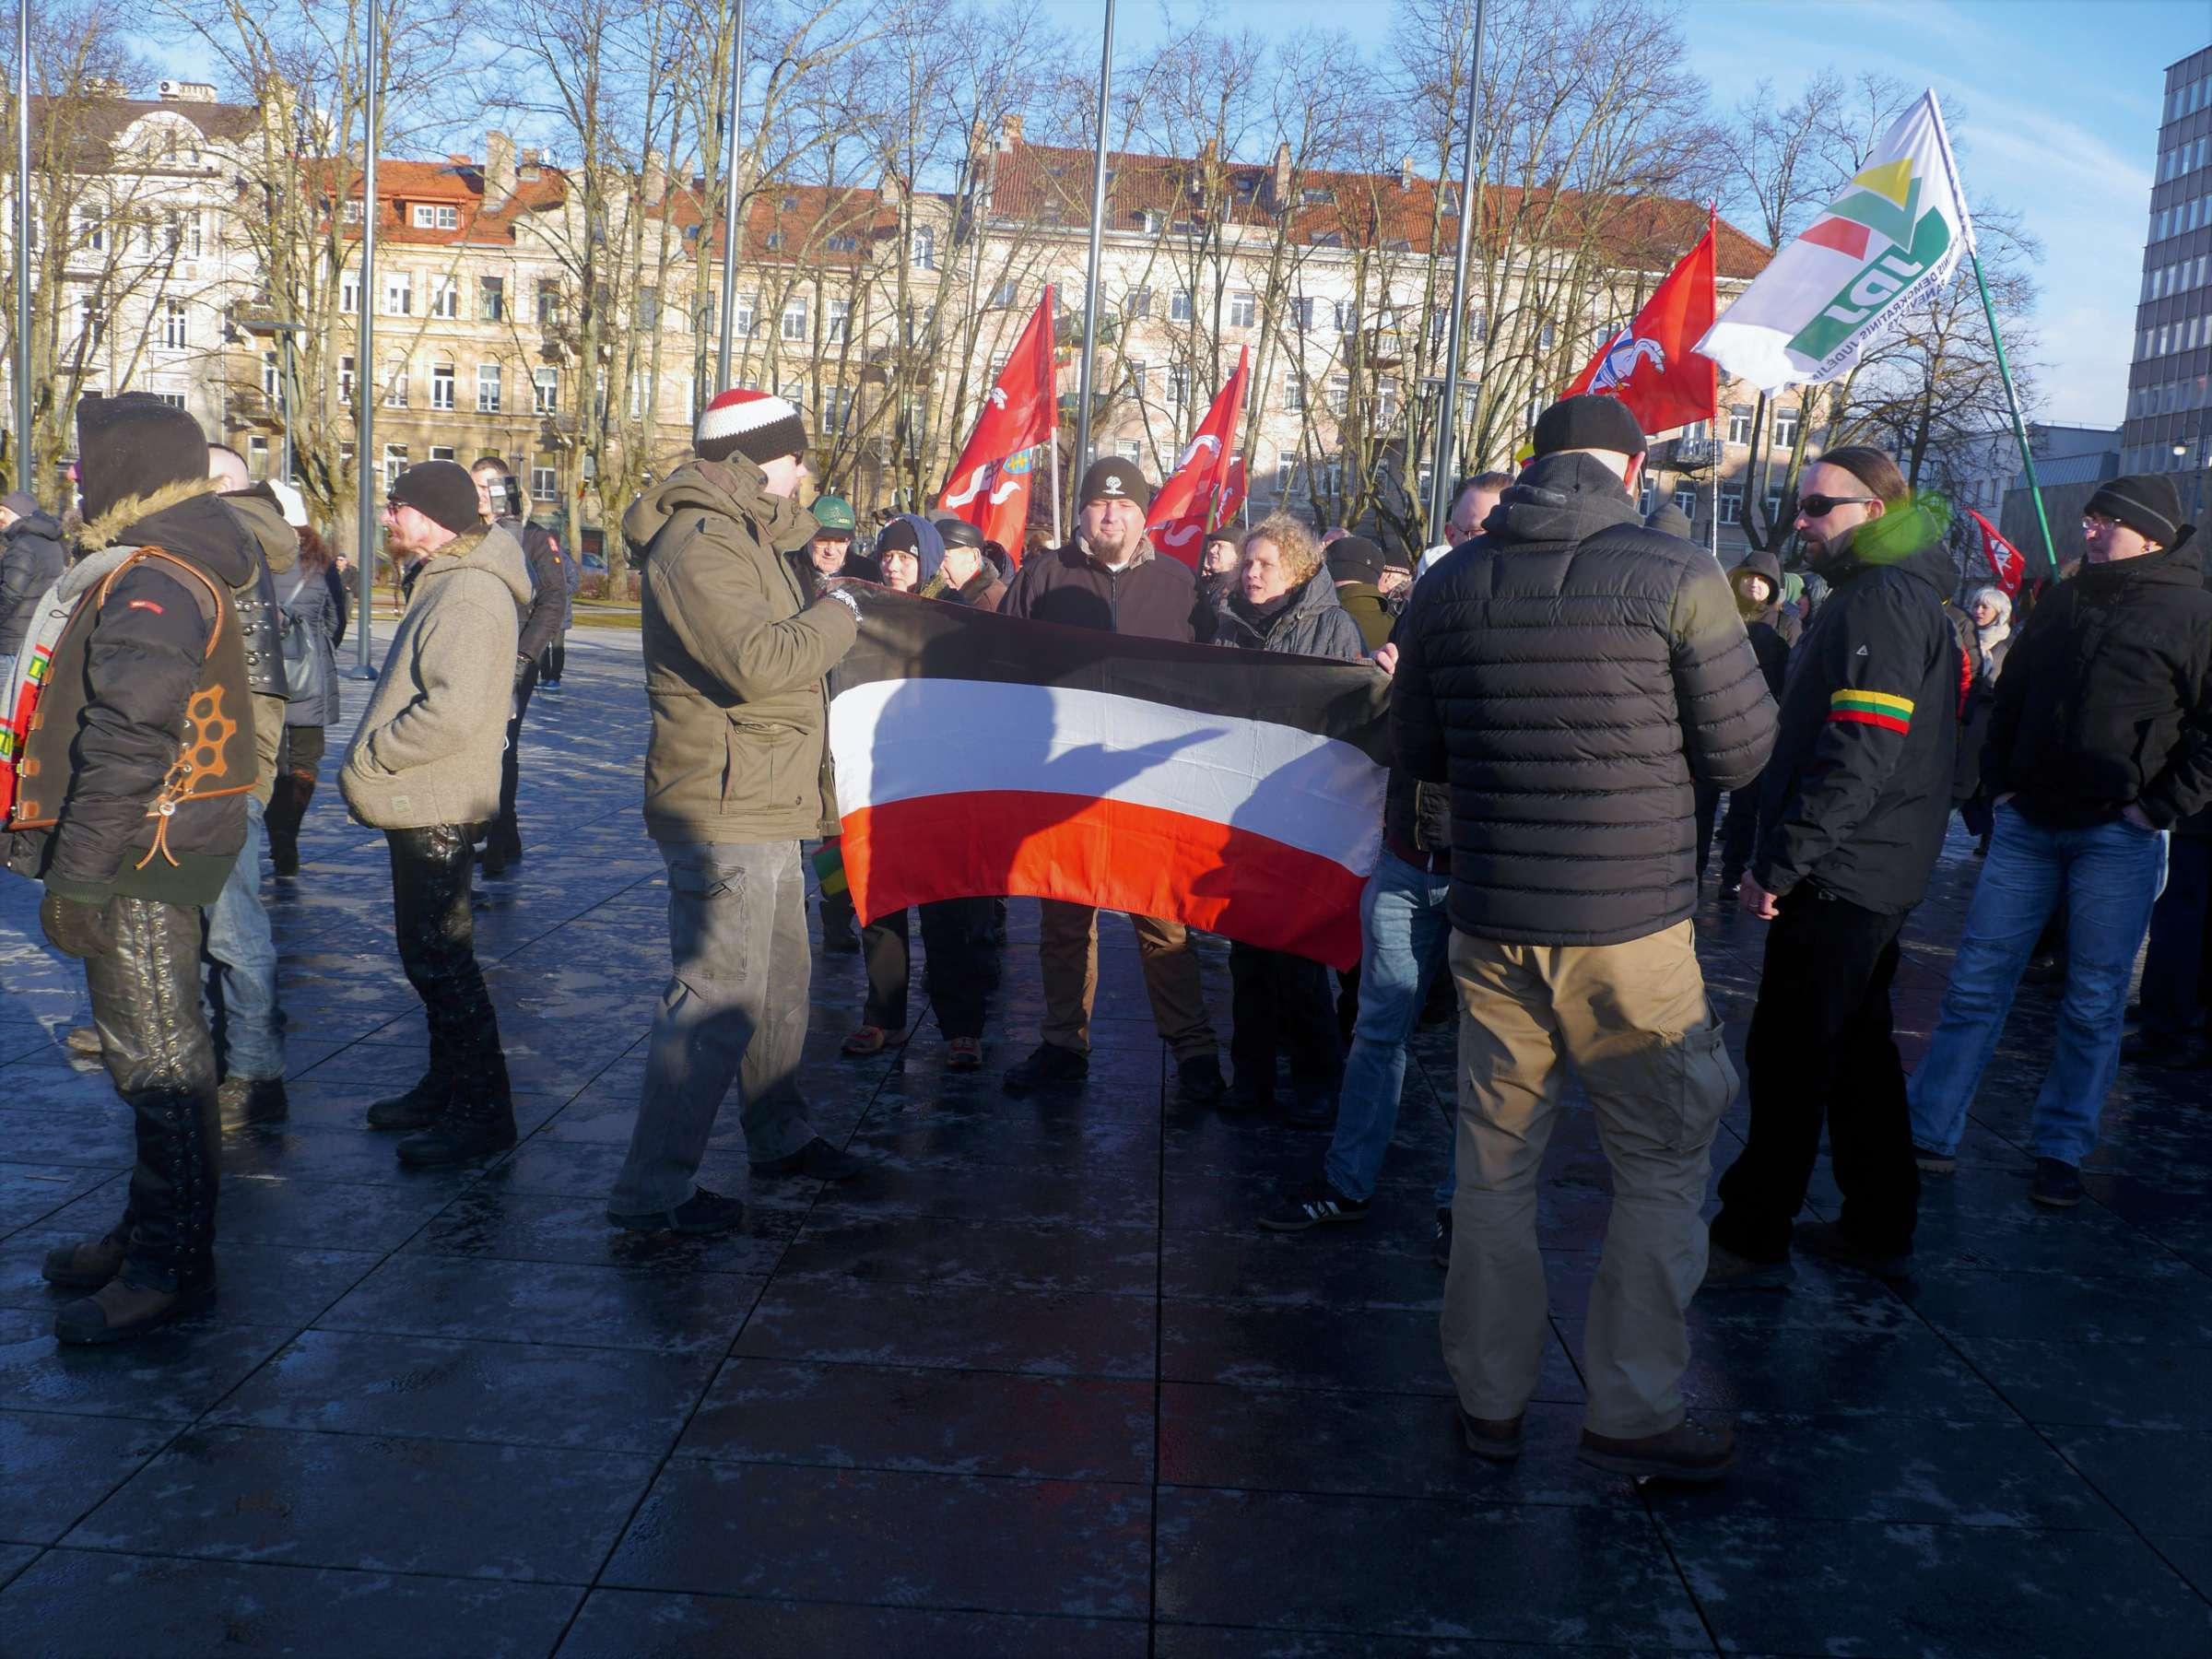 Prieky mūsų kažkokie užsieniečiai laiko nematytą vėliavą: juoda-balta-raudona   Alkas.lt, J. Vaiškūno nuotr.